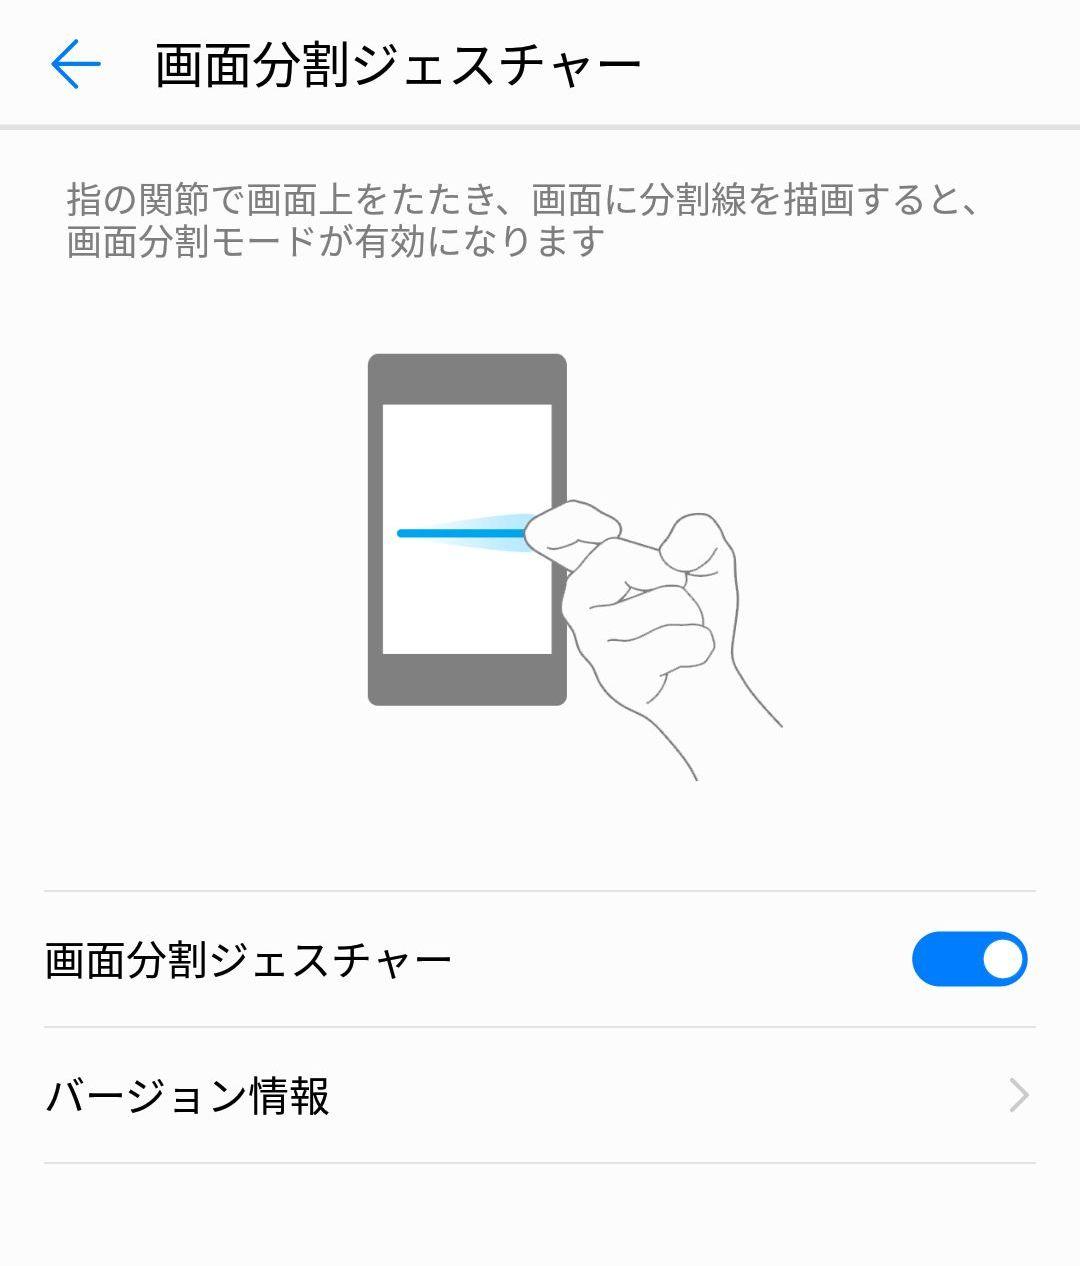 【Ingressアハ体験】第38回: HUAWEI Mate 9がIngressにいい理由!